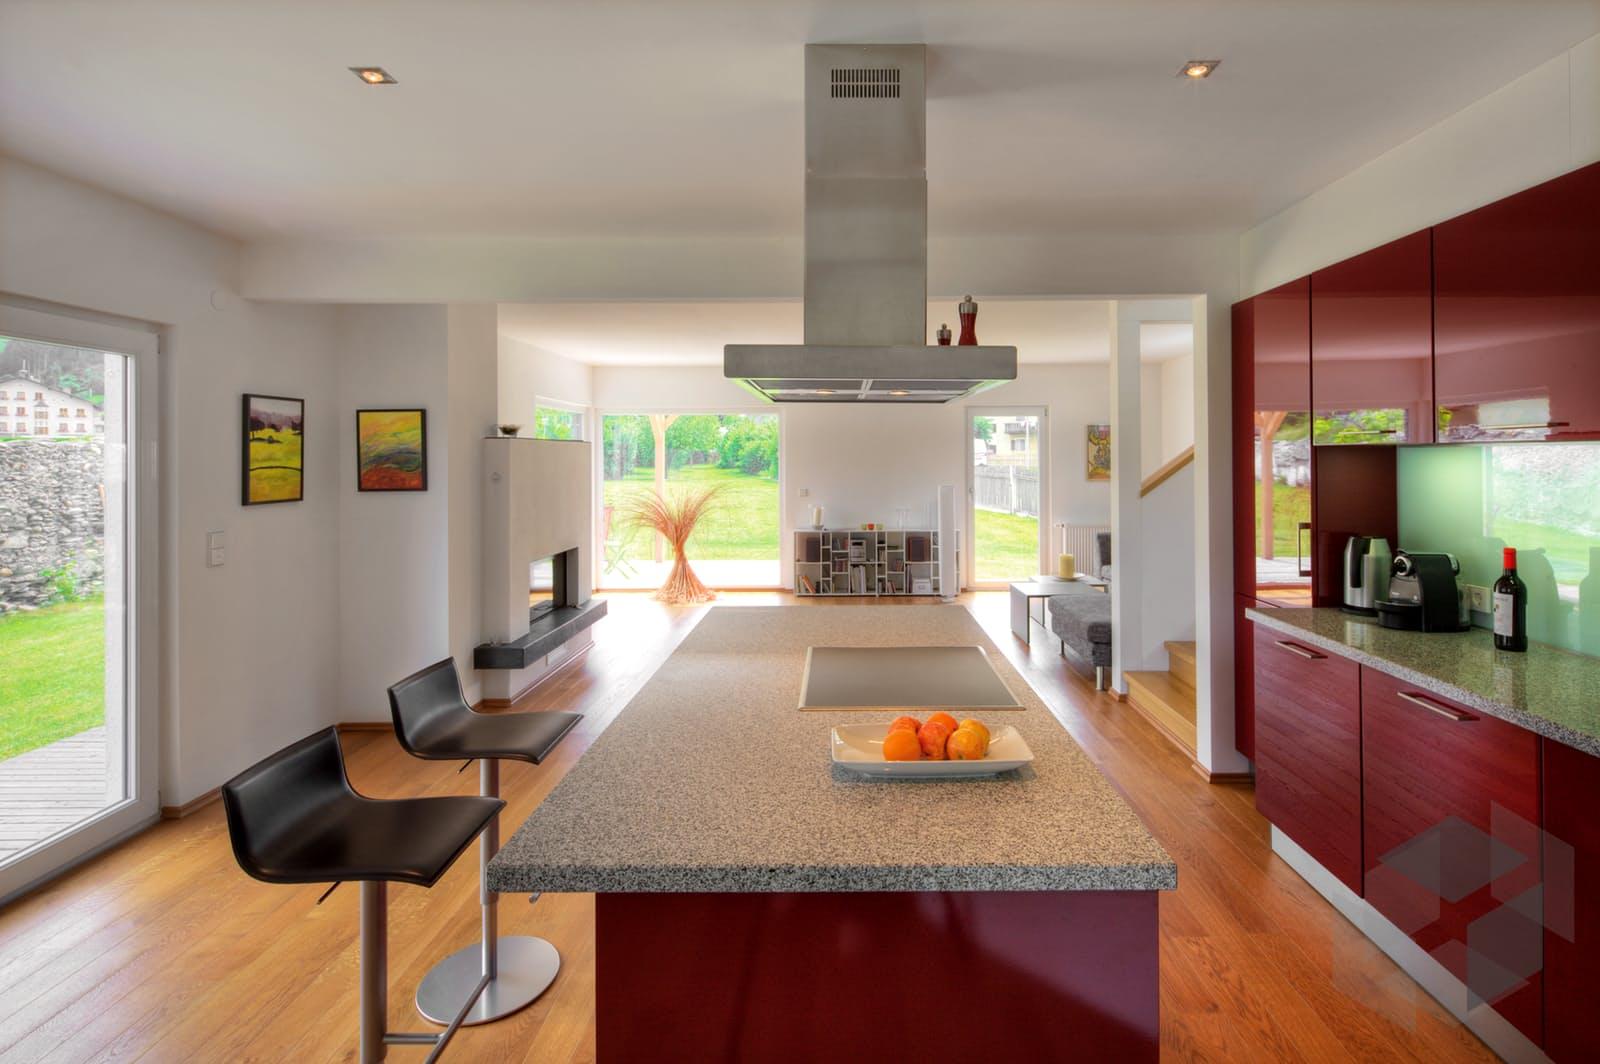 volders von regnauer hausbau komplette daten bersicht. Black Bedroom Furniture Sets. Home Design Ideas